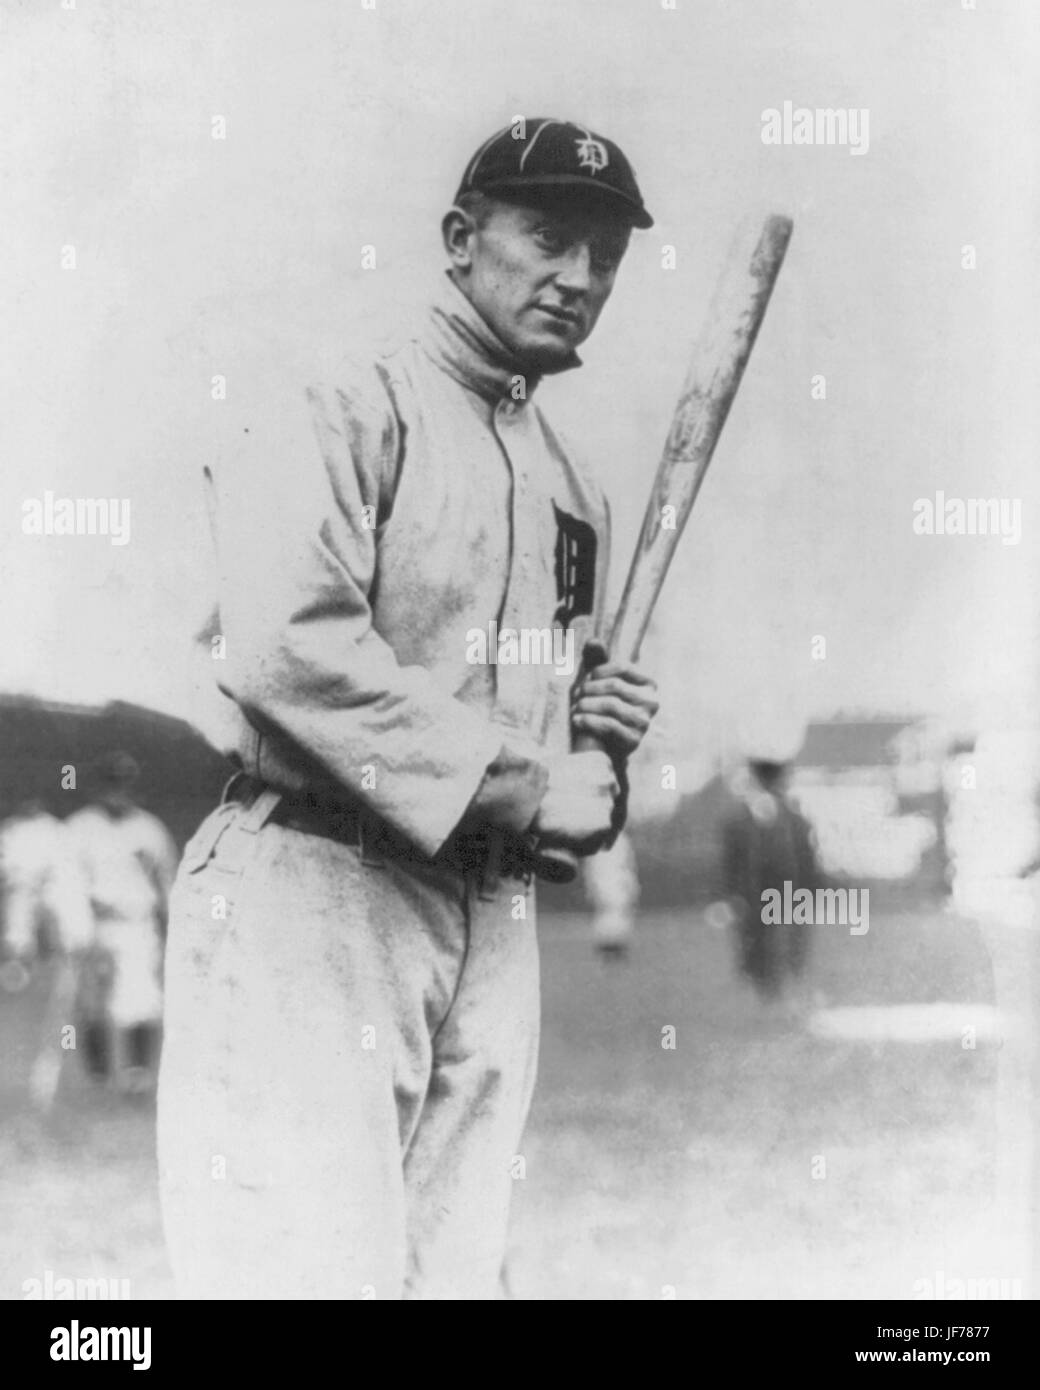 baseball fledermaus dating führer